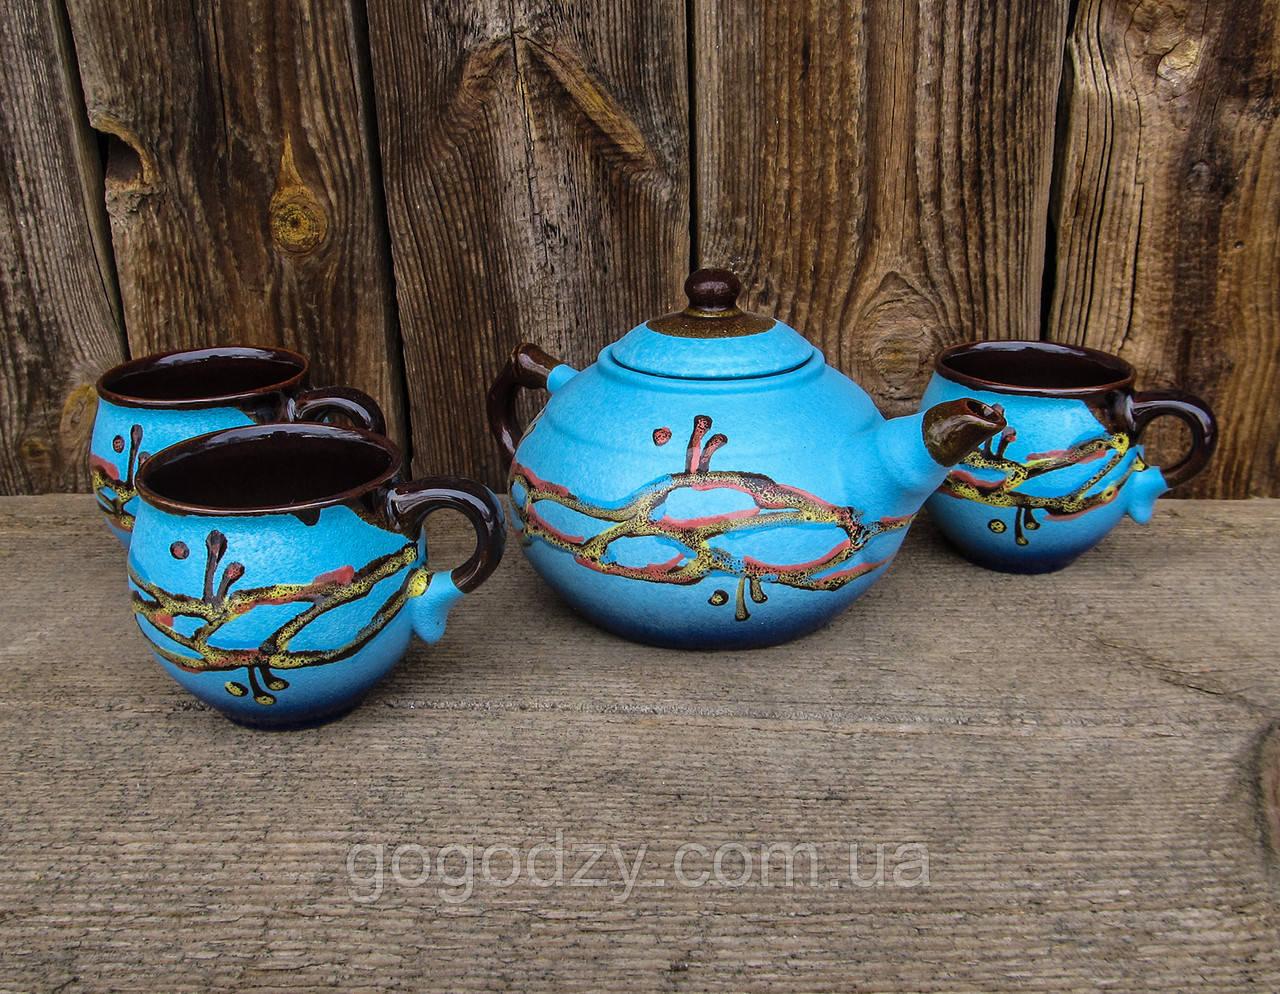 Чайний набір на 3 особи 0,6 л. Кулька декор Крайка блакитний